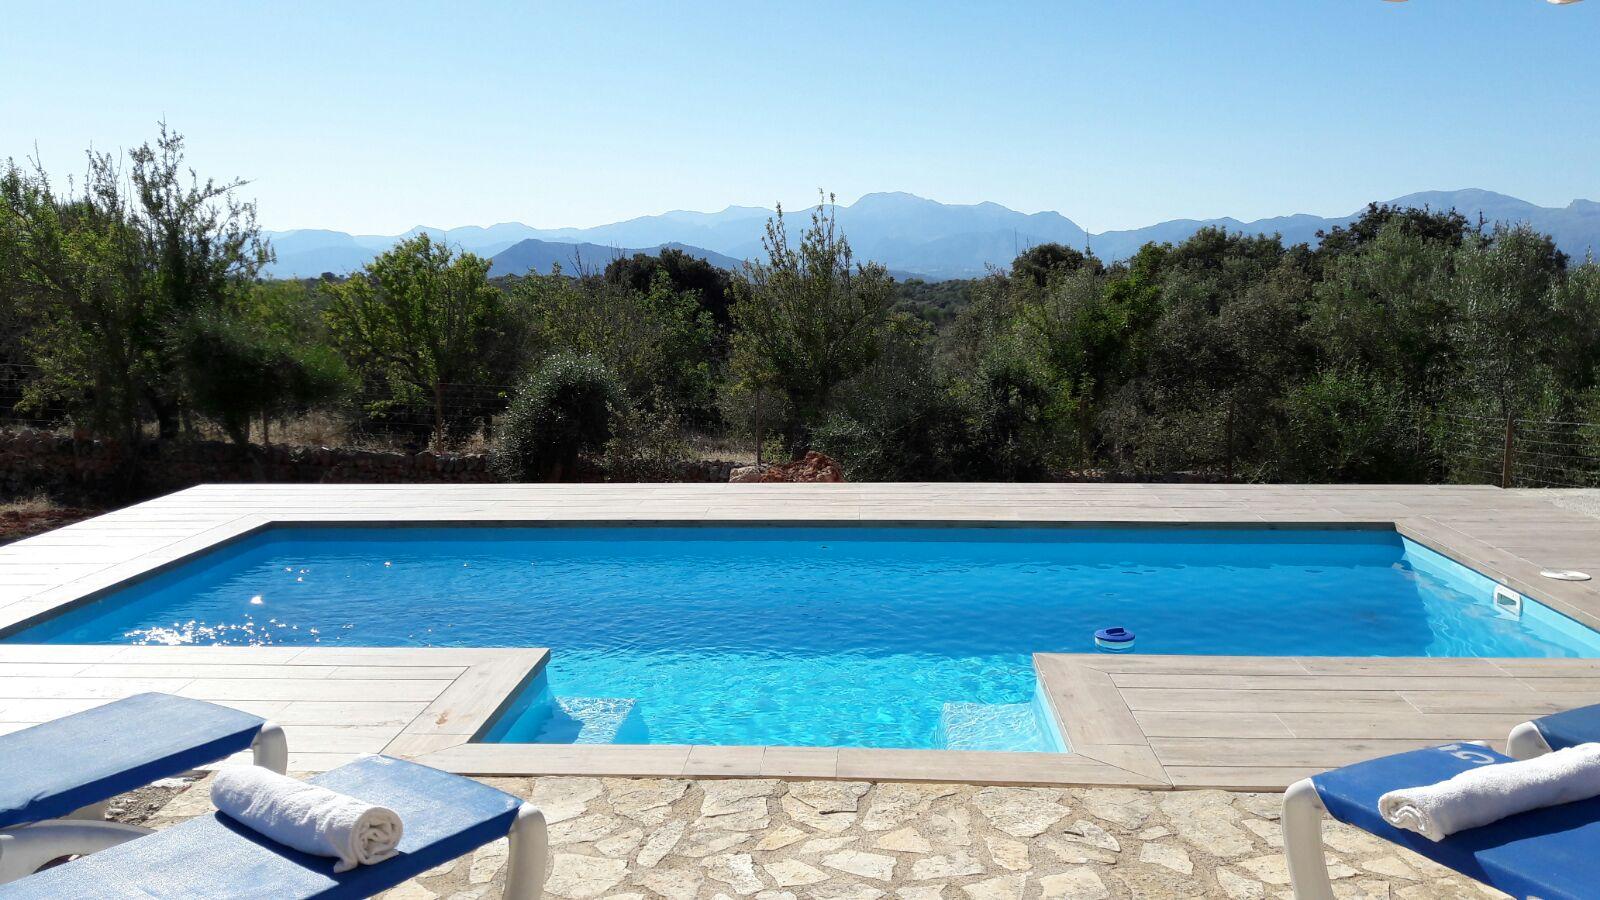 Piscina olimpia novedades 2017 del fabricante piscinas cano for Piscina mairena del alcor 2017